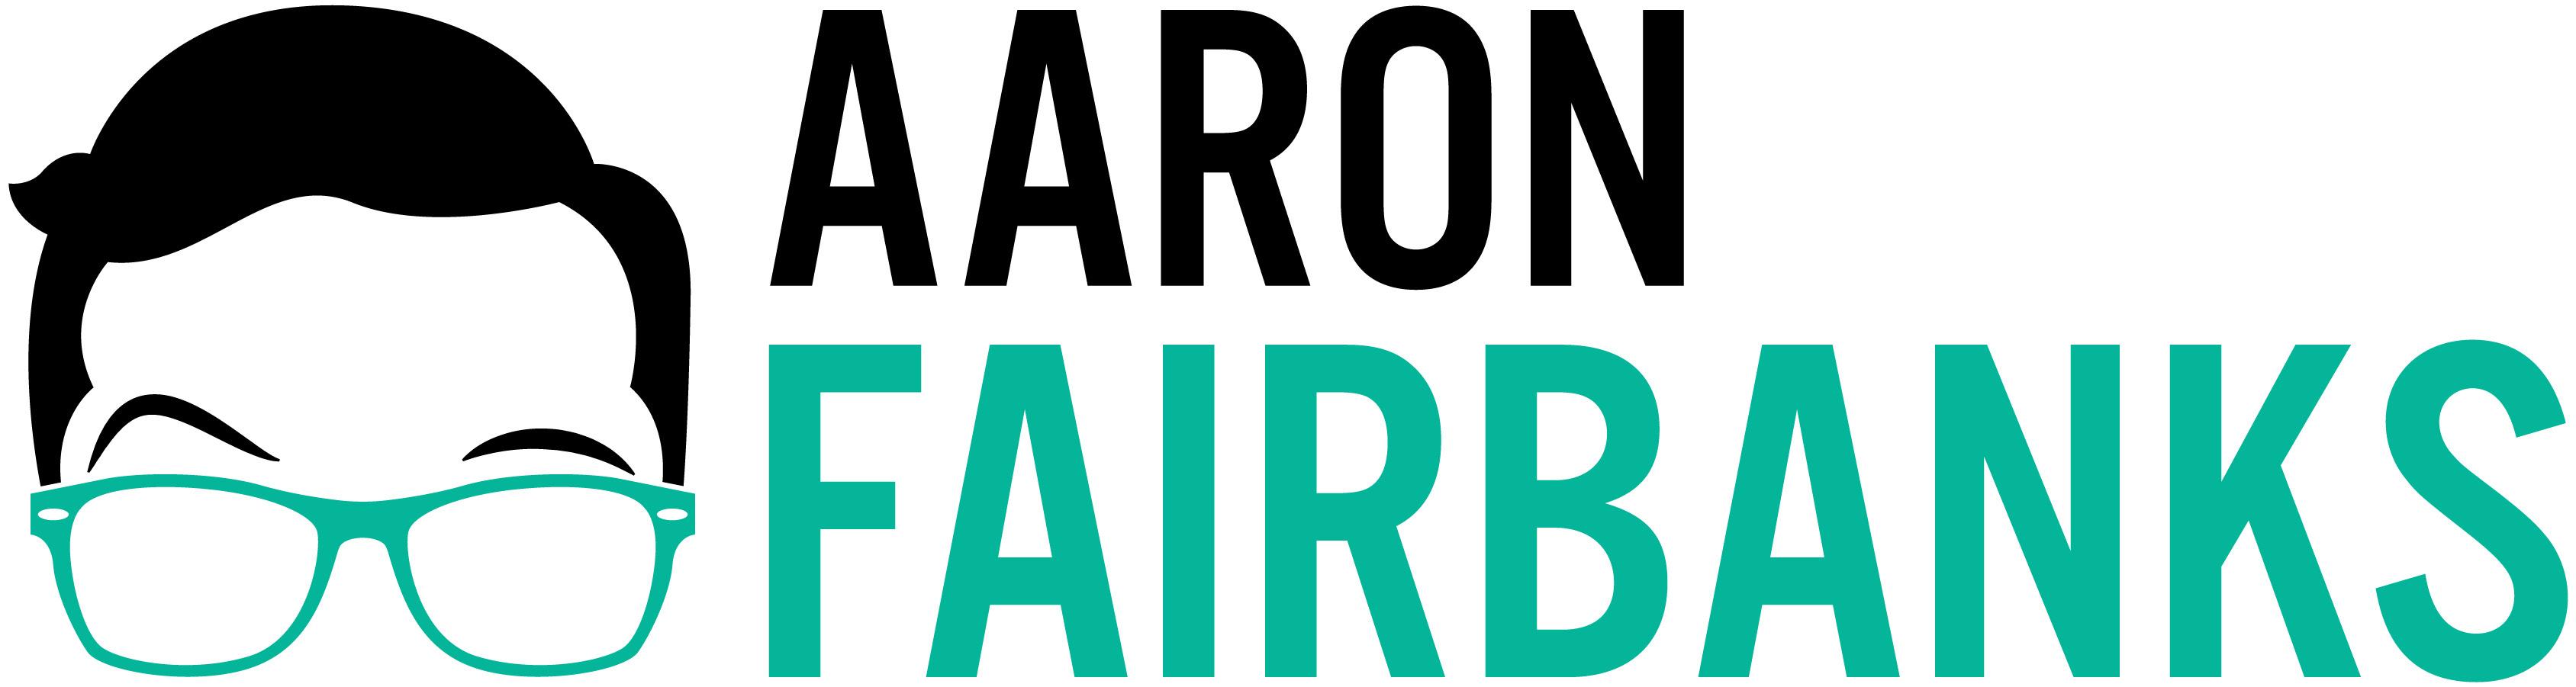 Aaron Fairbanks